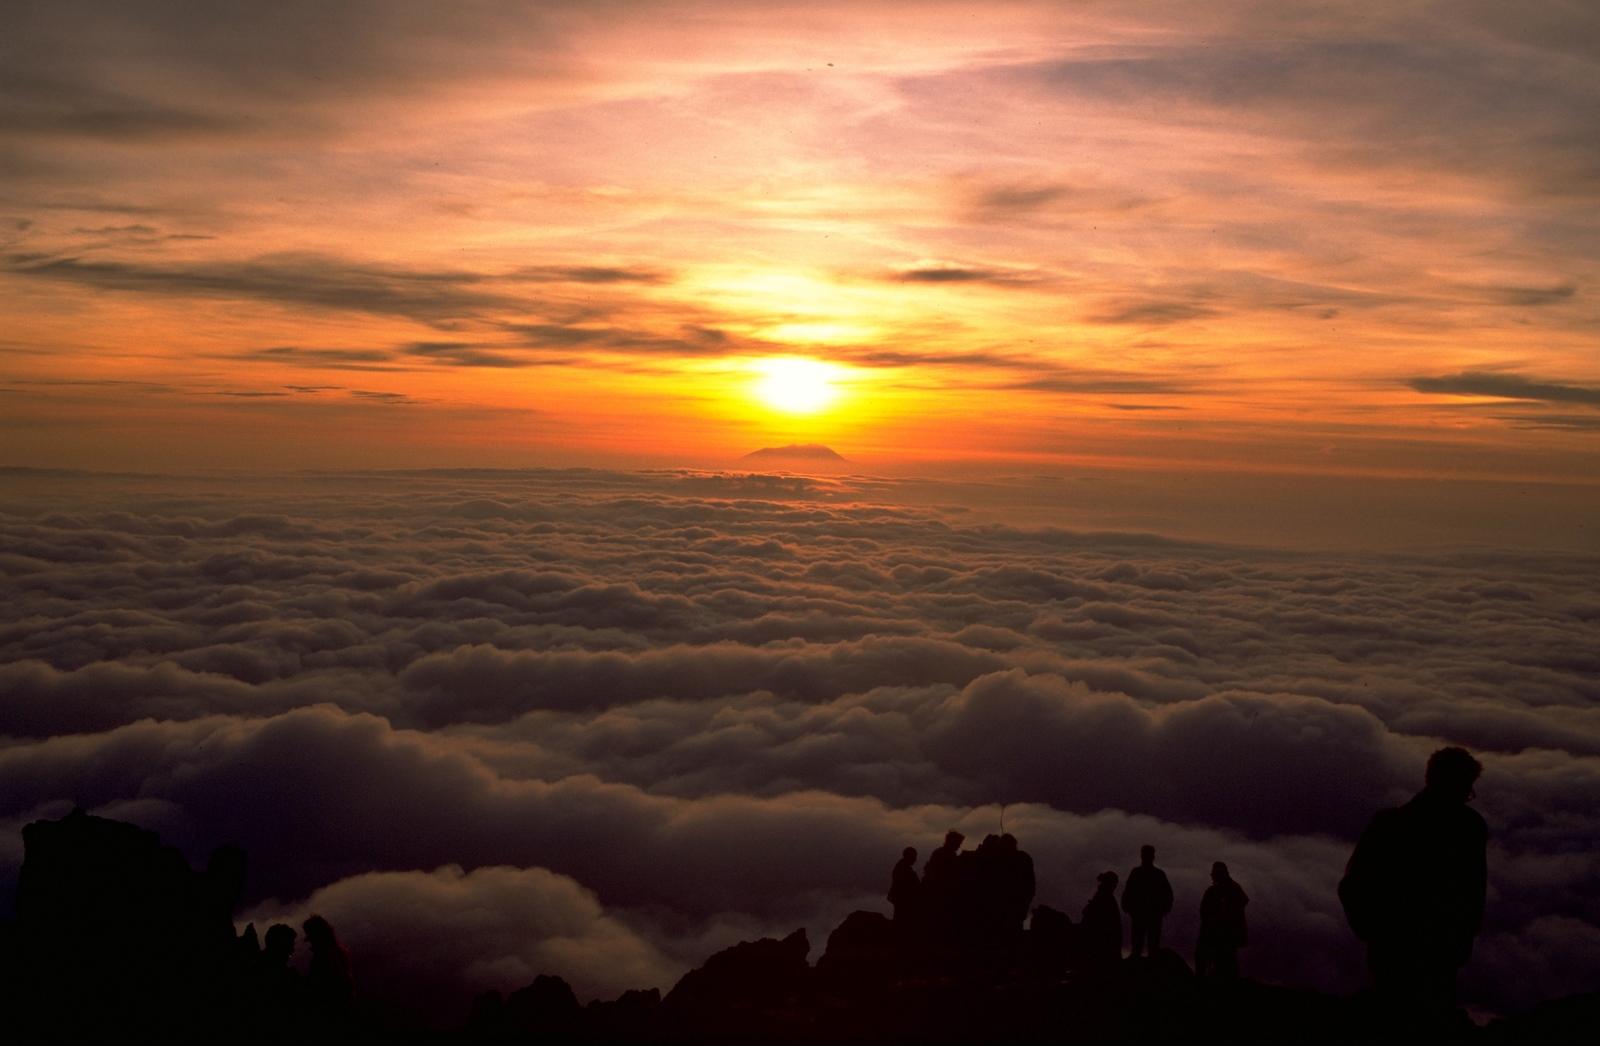 Gambar Sunrise Gambar Matahari Terbit  Download Gratis